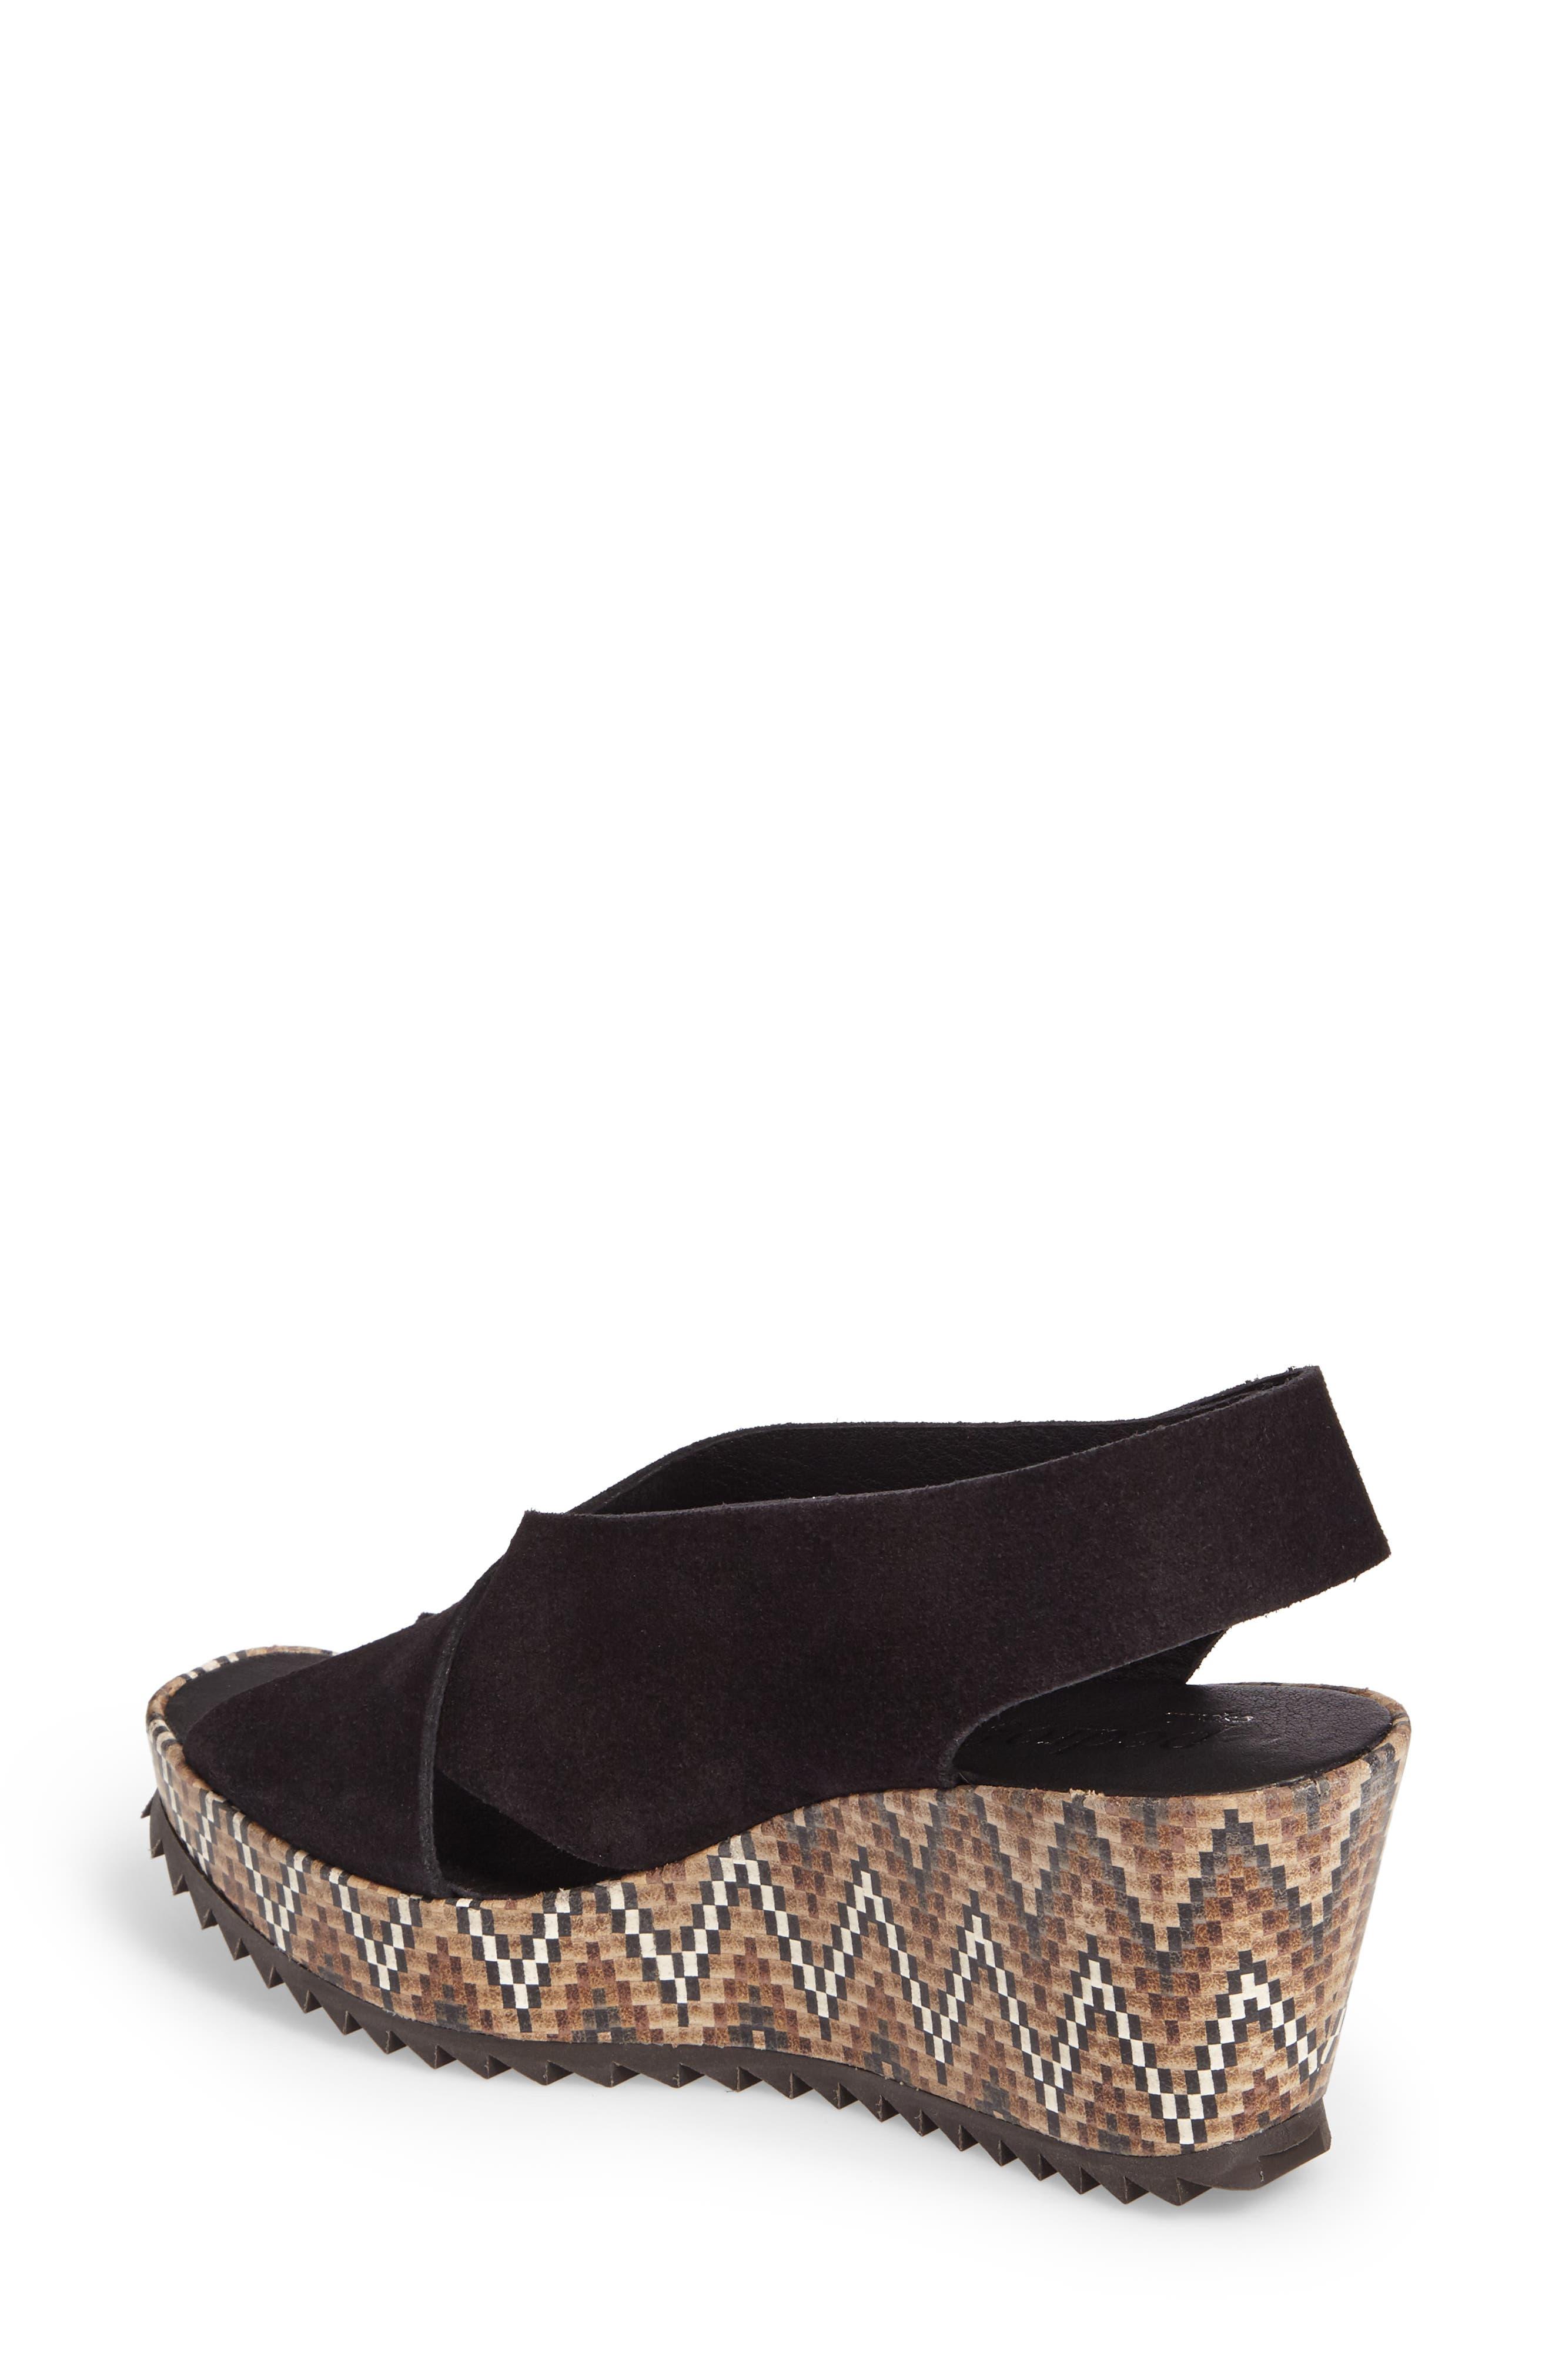 'Federica' Wedge Sandal,                             Alternate thumbnail 2, color,                             Black Castoro